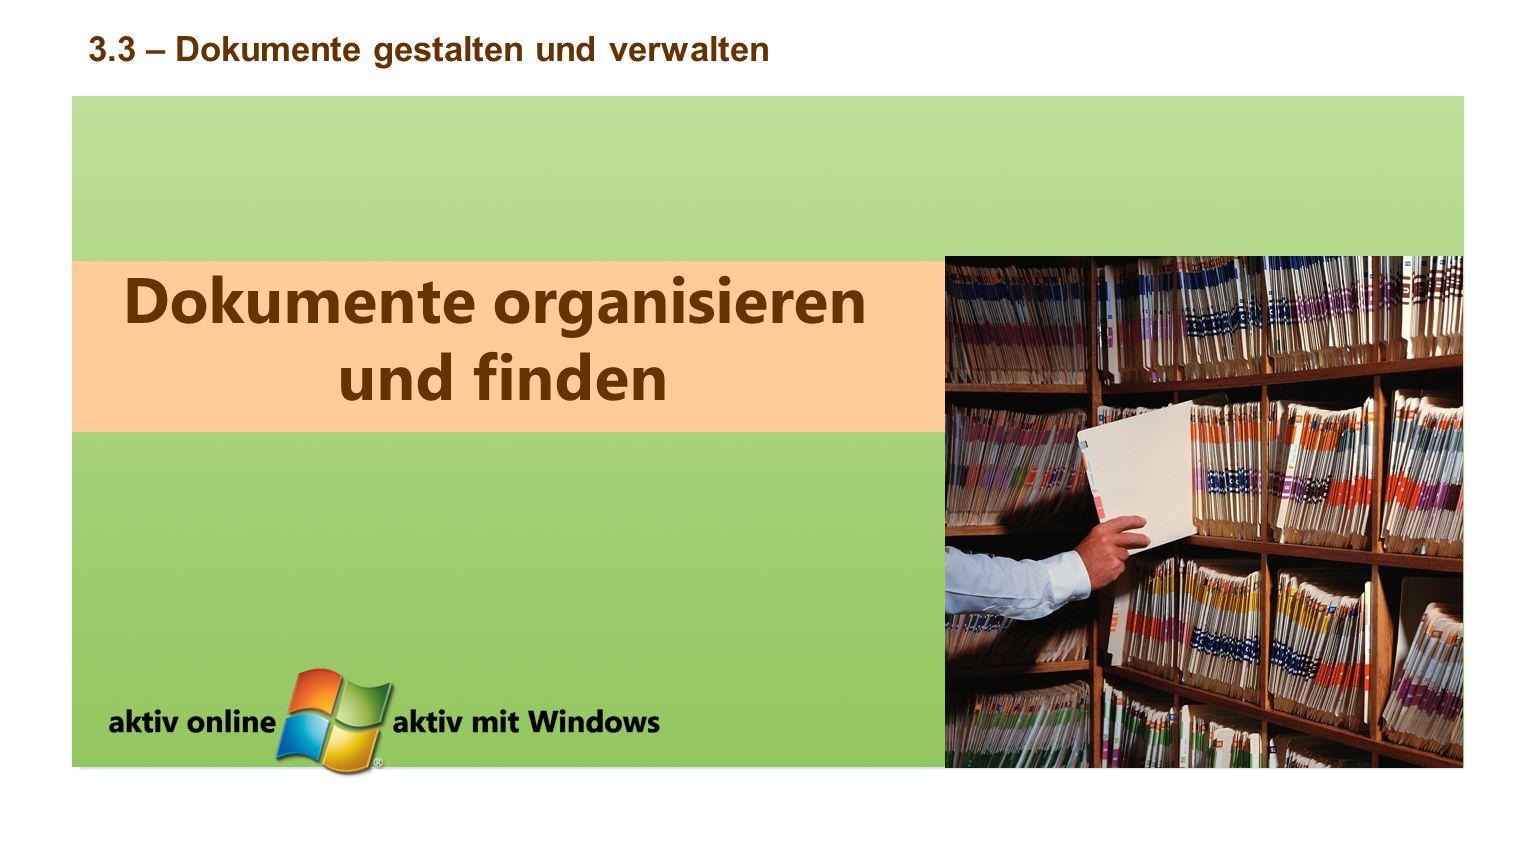 Dokumente organisieren und finden 3.3 – Dokumente gestalten und verwalten